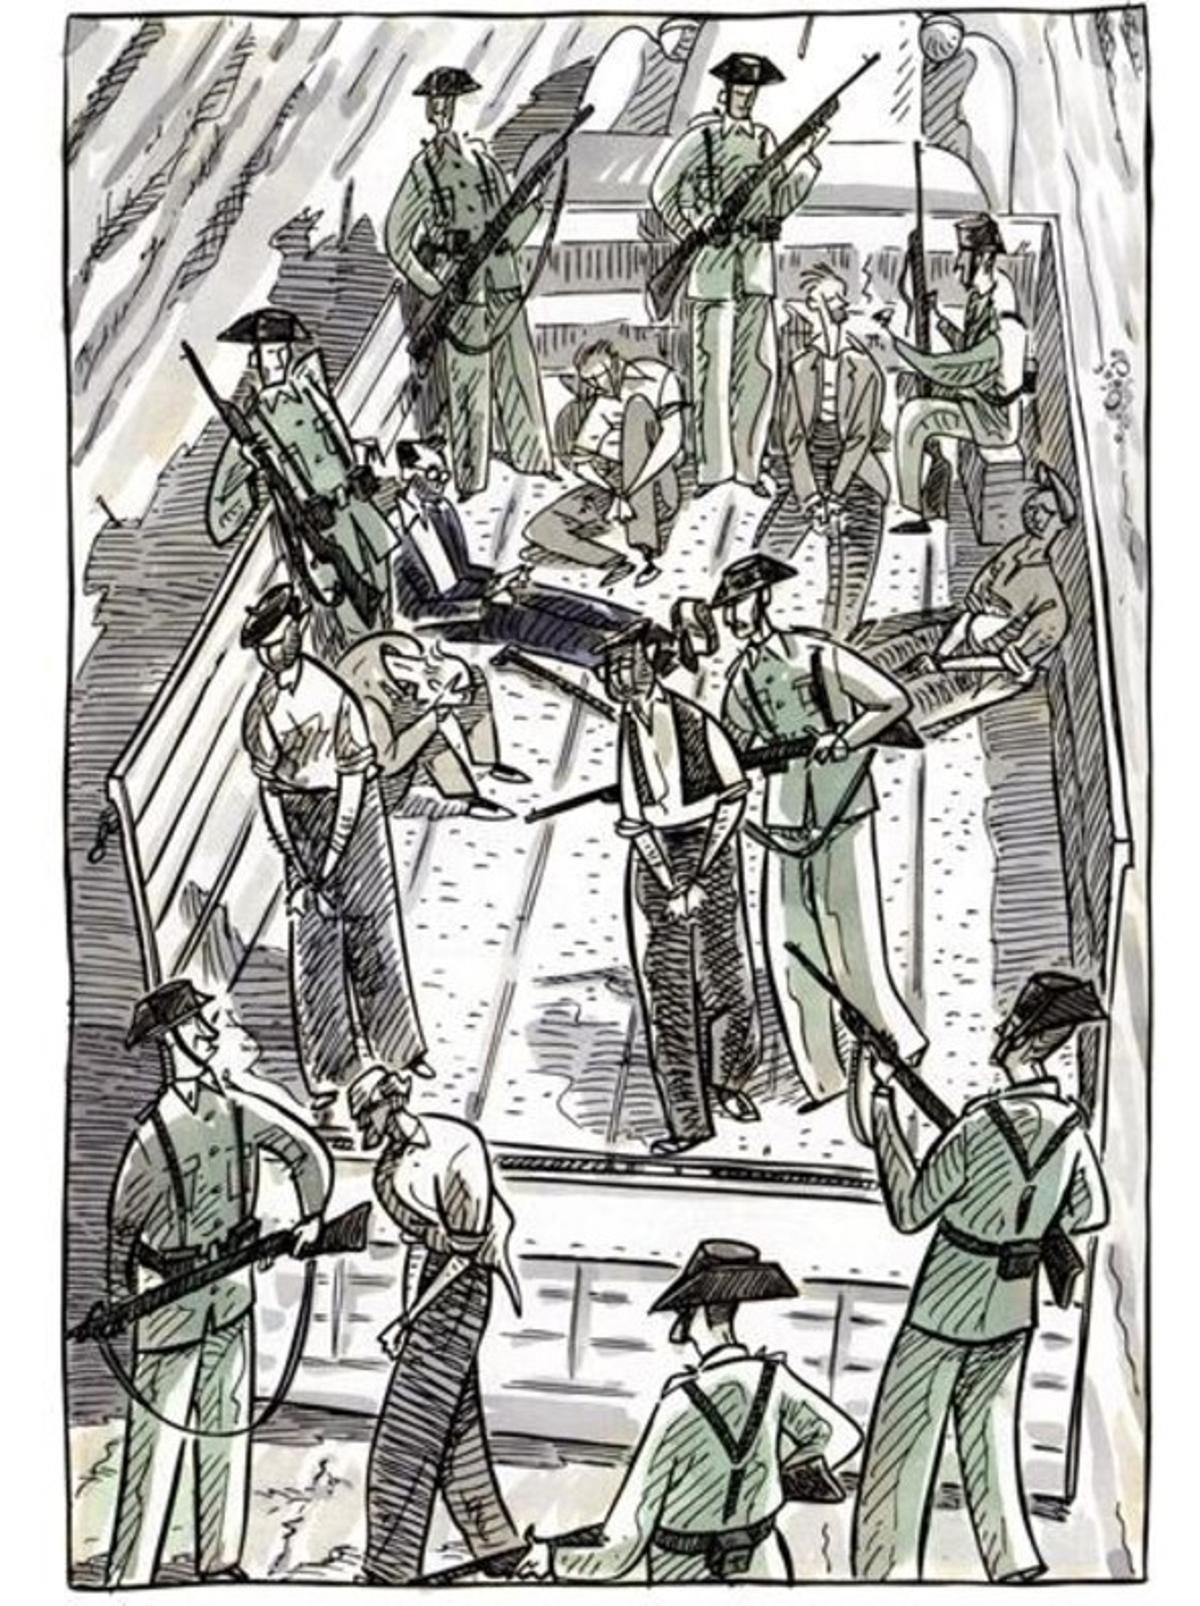 Páginade 'Dr. Uriel', el cómic de Sento sobre la experiencia de su suegro médico durante la guerra civil.